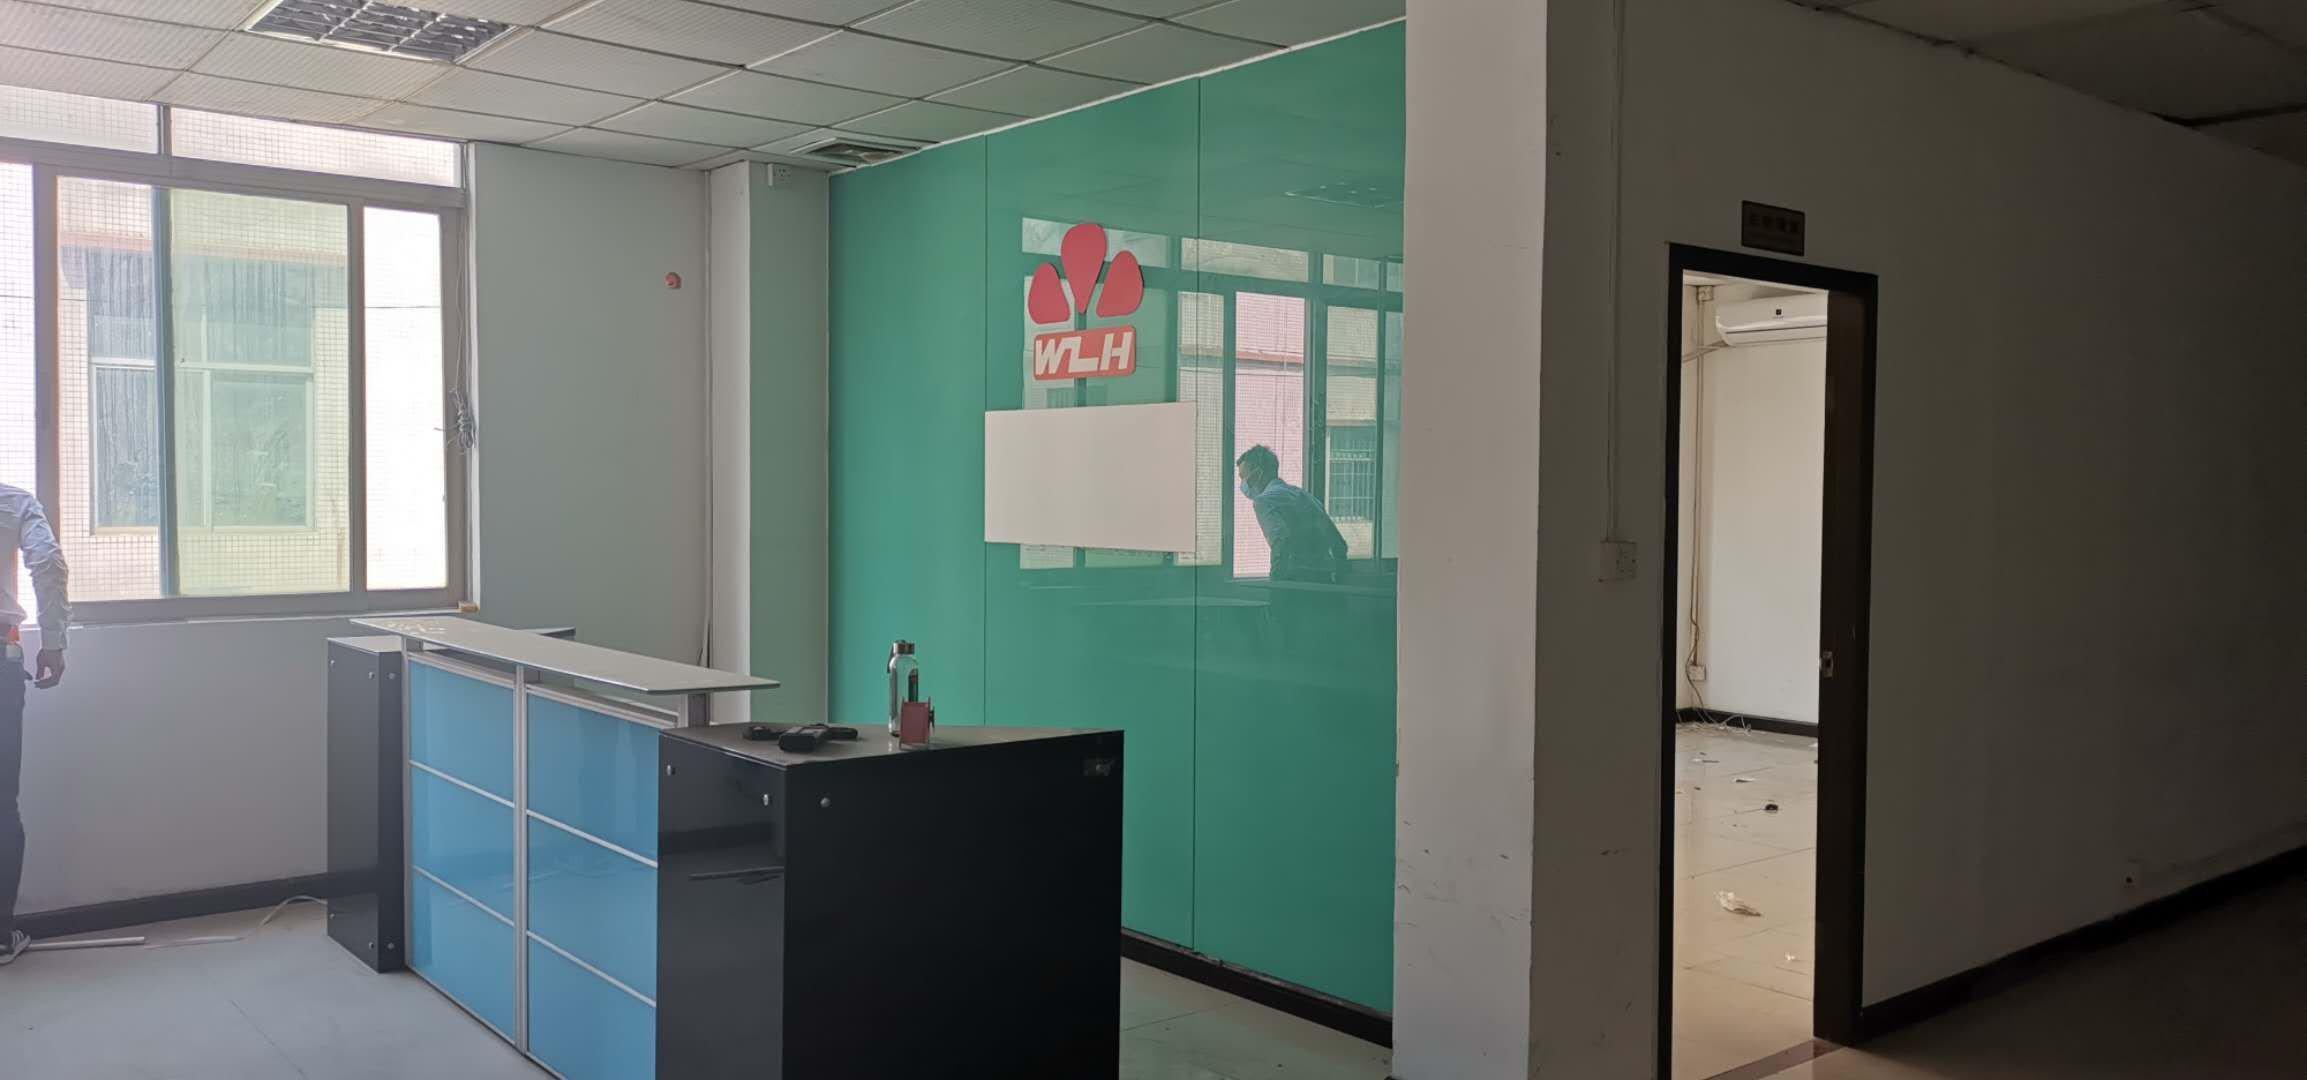 龙华新区大浪英泰工业区新出楼上精装无尘厂房750平,水电到位